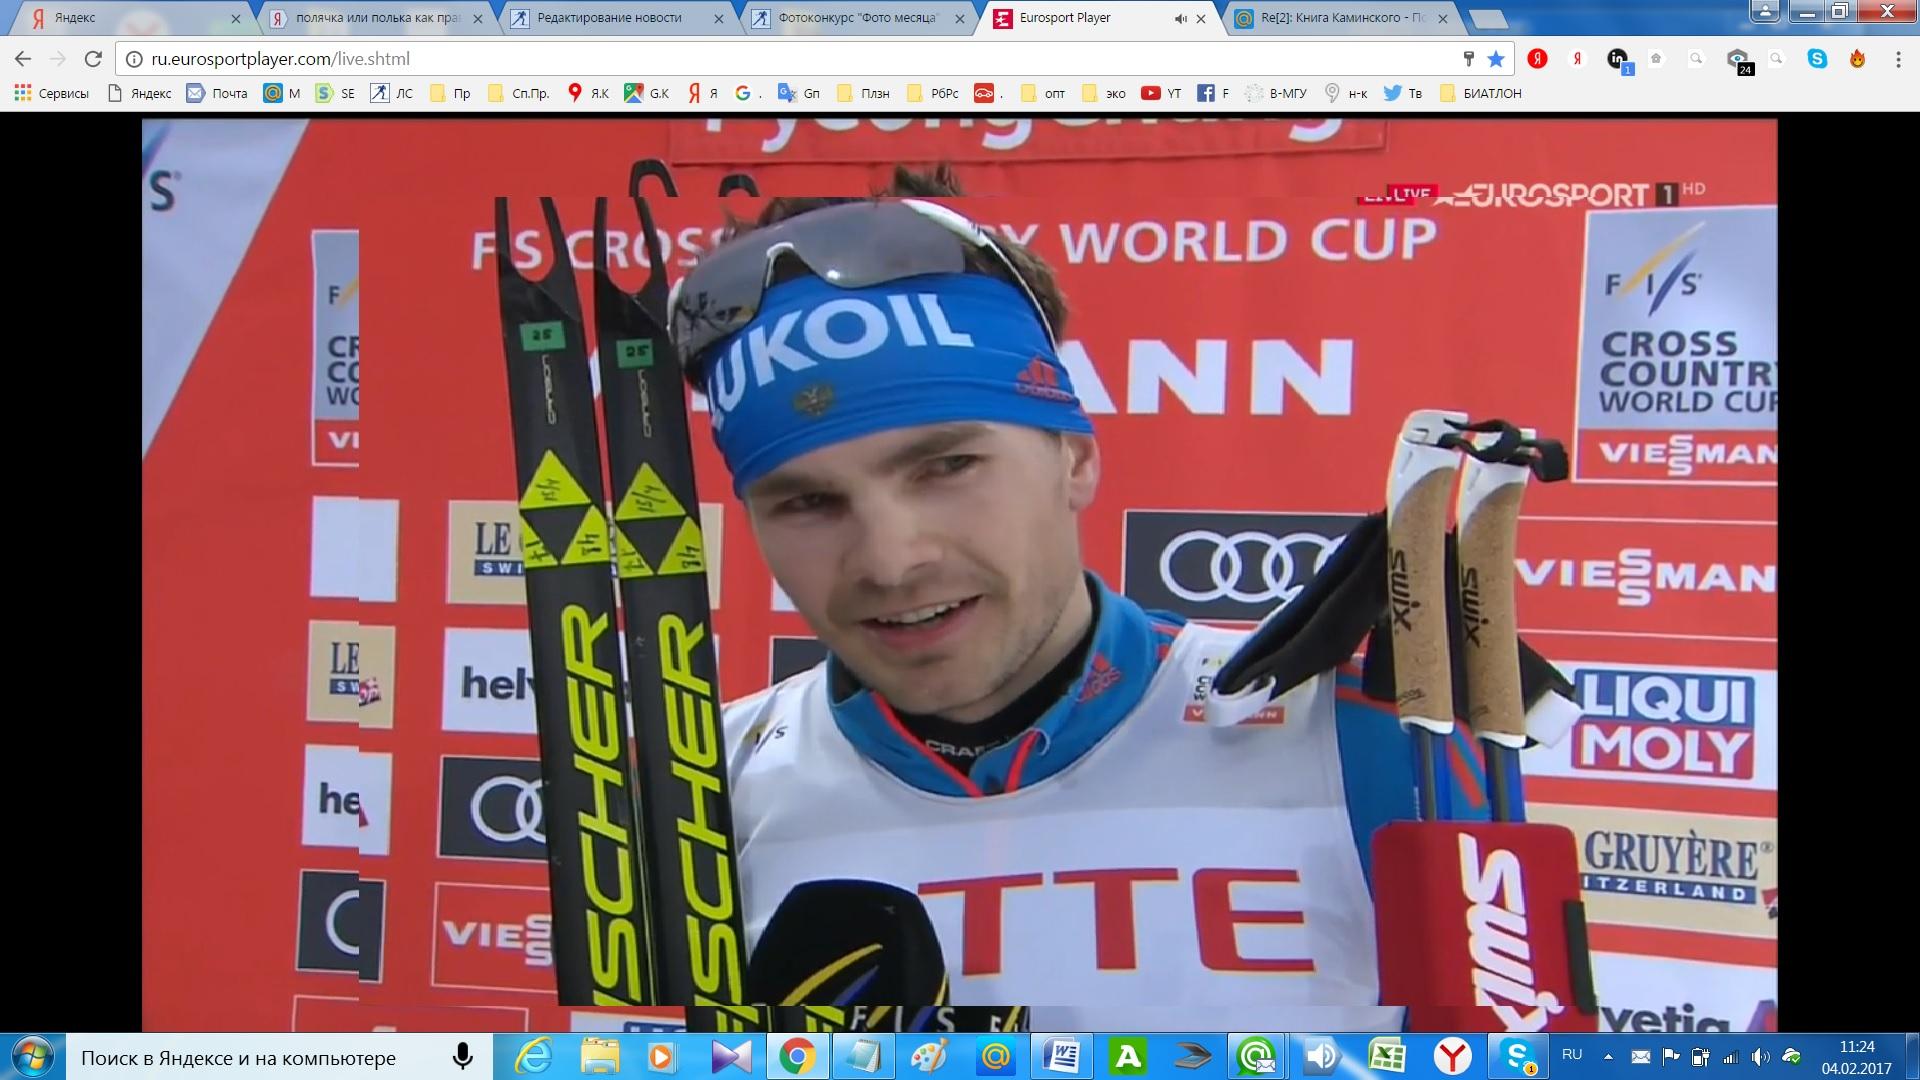 Лыжник Пётр Седов завоевал золото вскиатлоне наэтапе Кубка мира